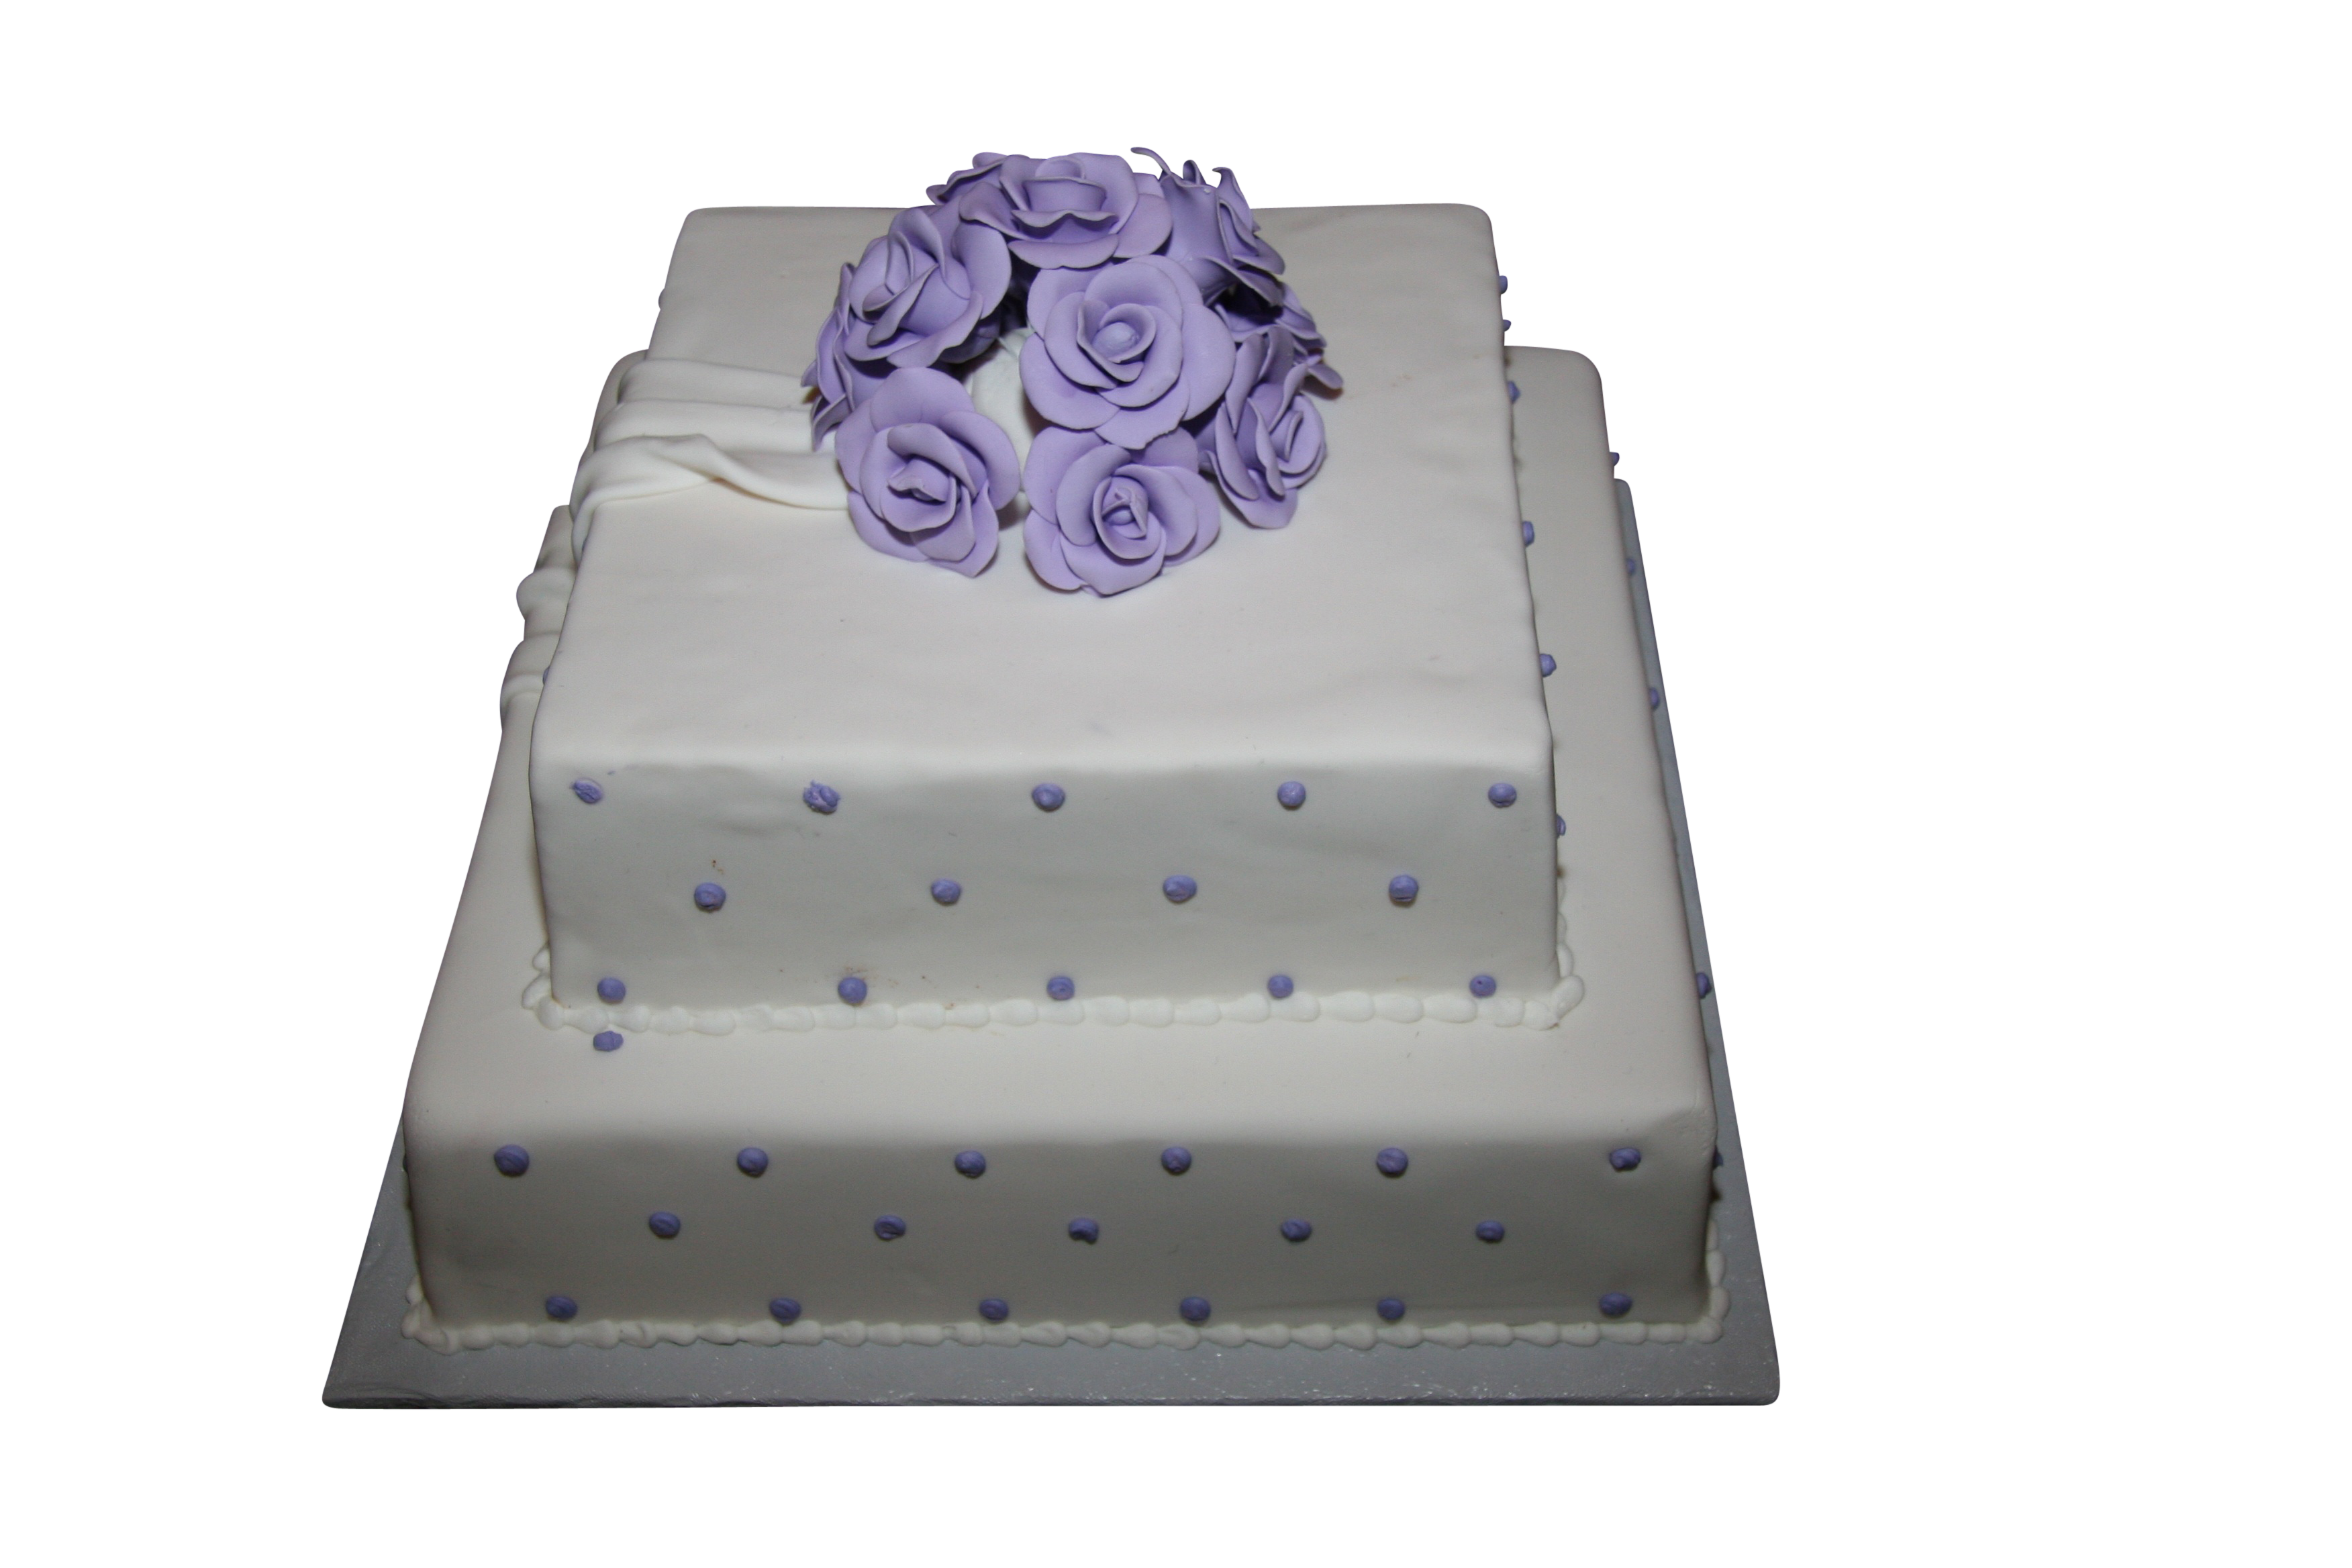 cake-441144_Clip